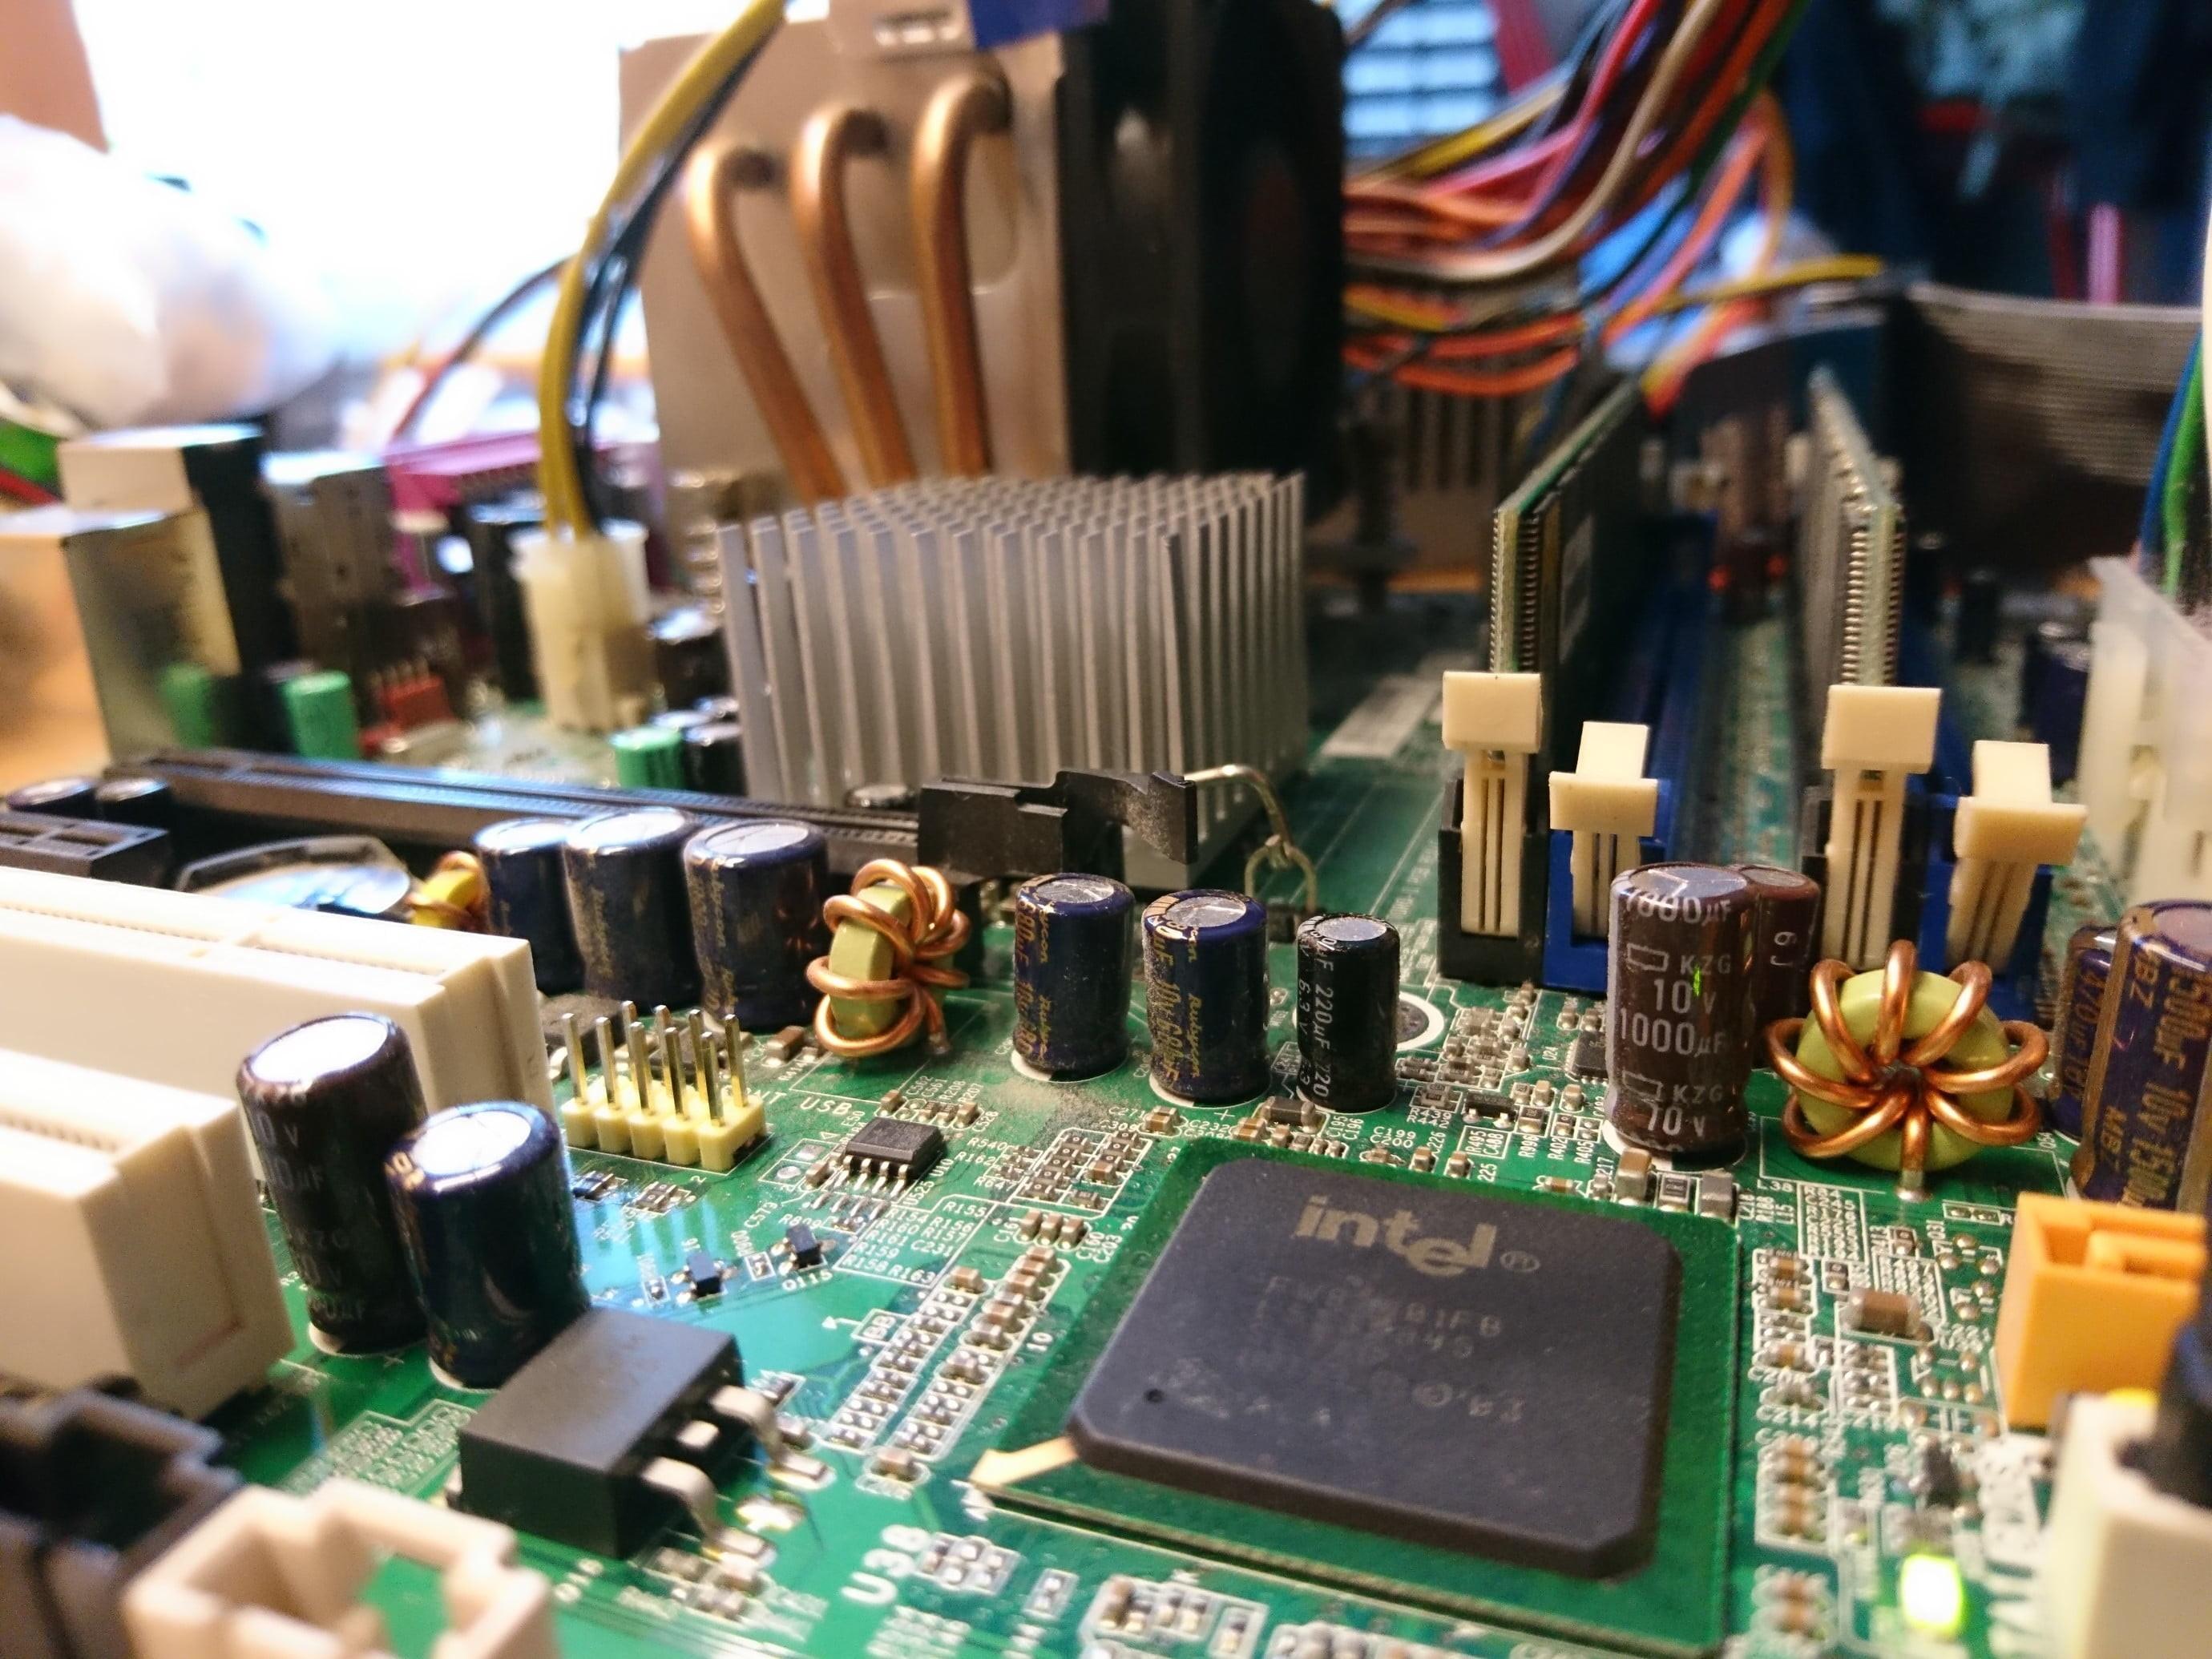 Res: 2760x2070, closeup photo of computer motherboard HD wallpaper